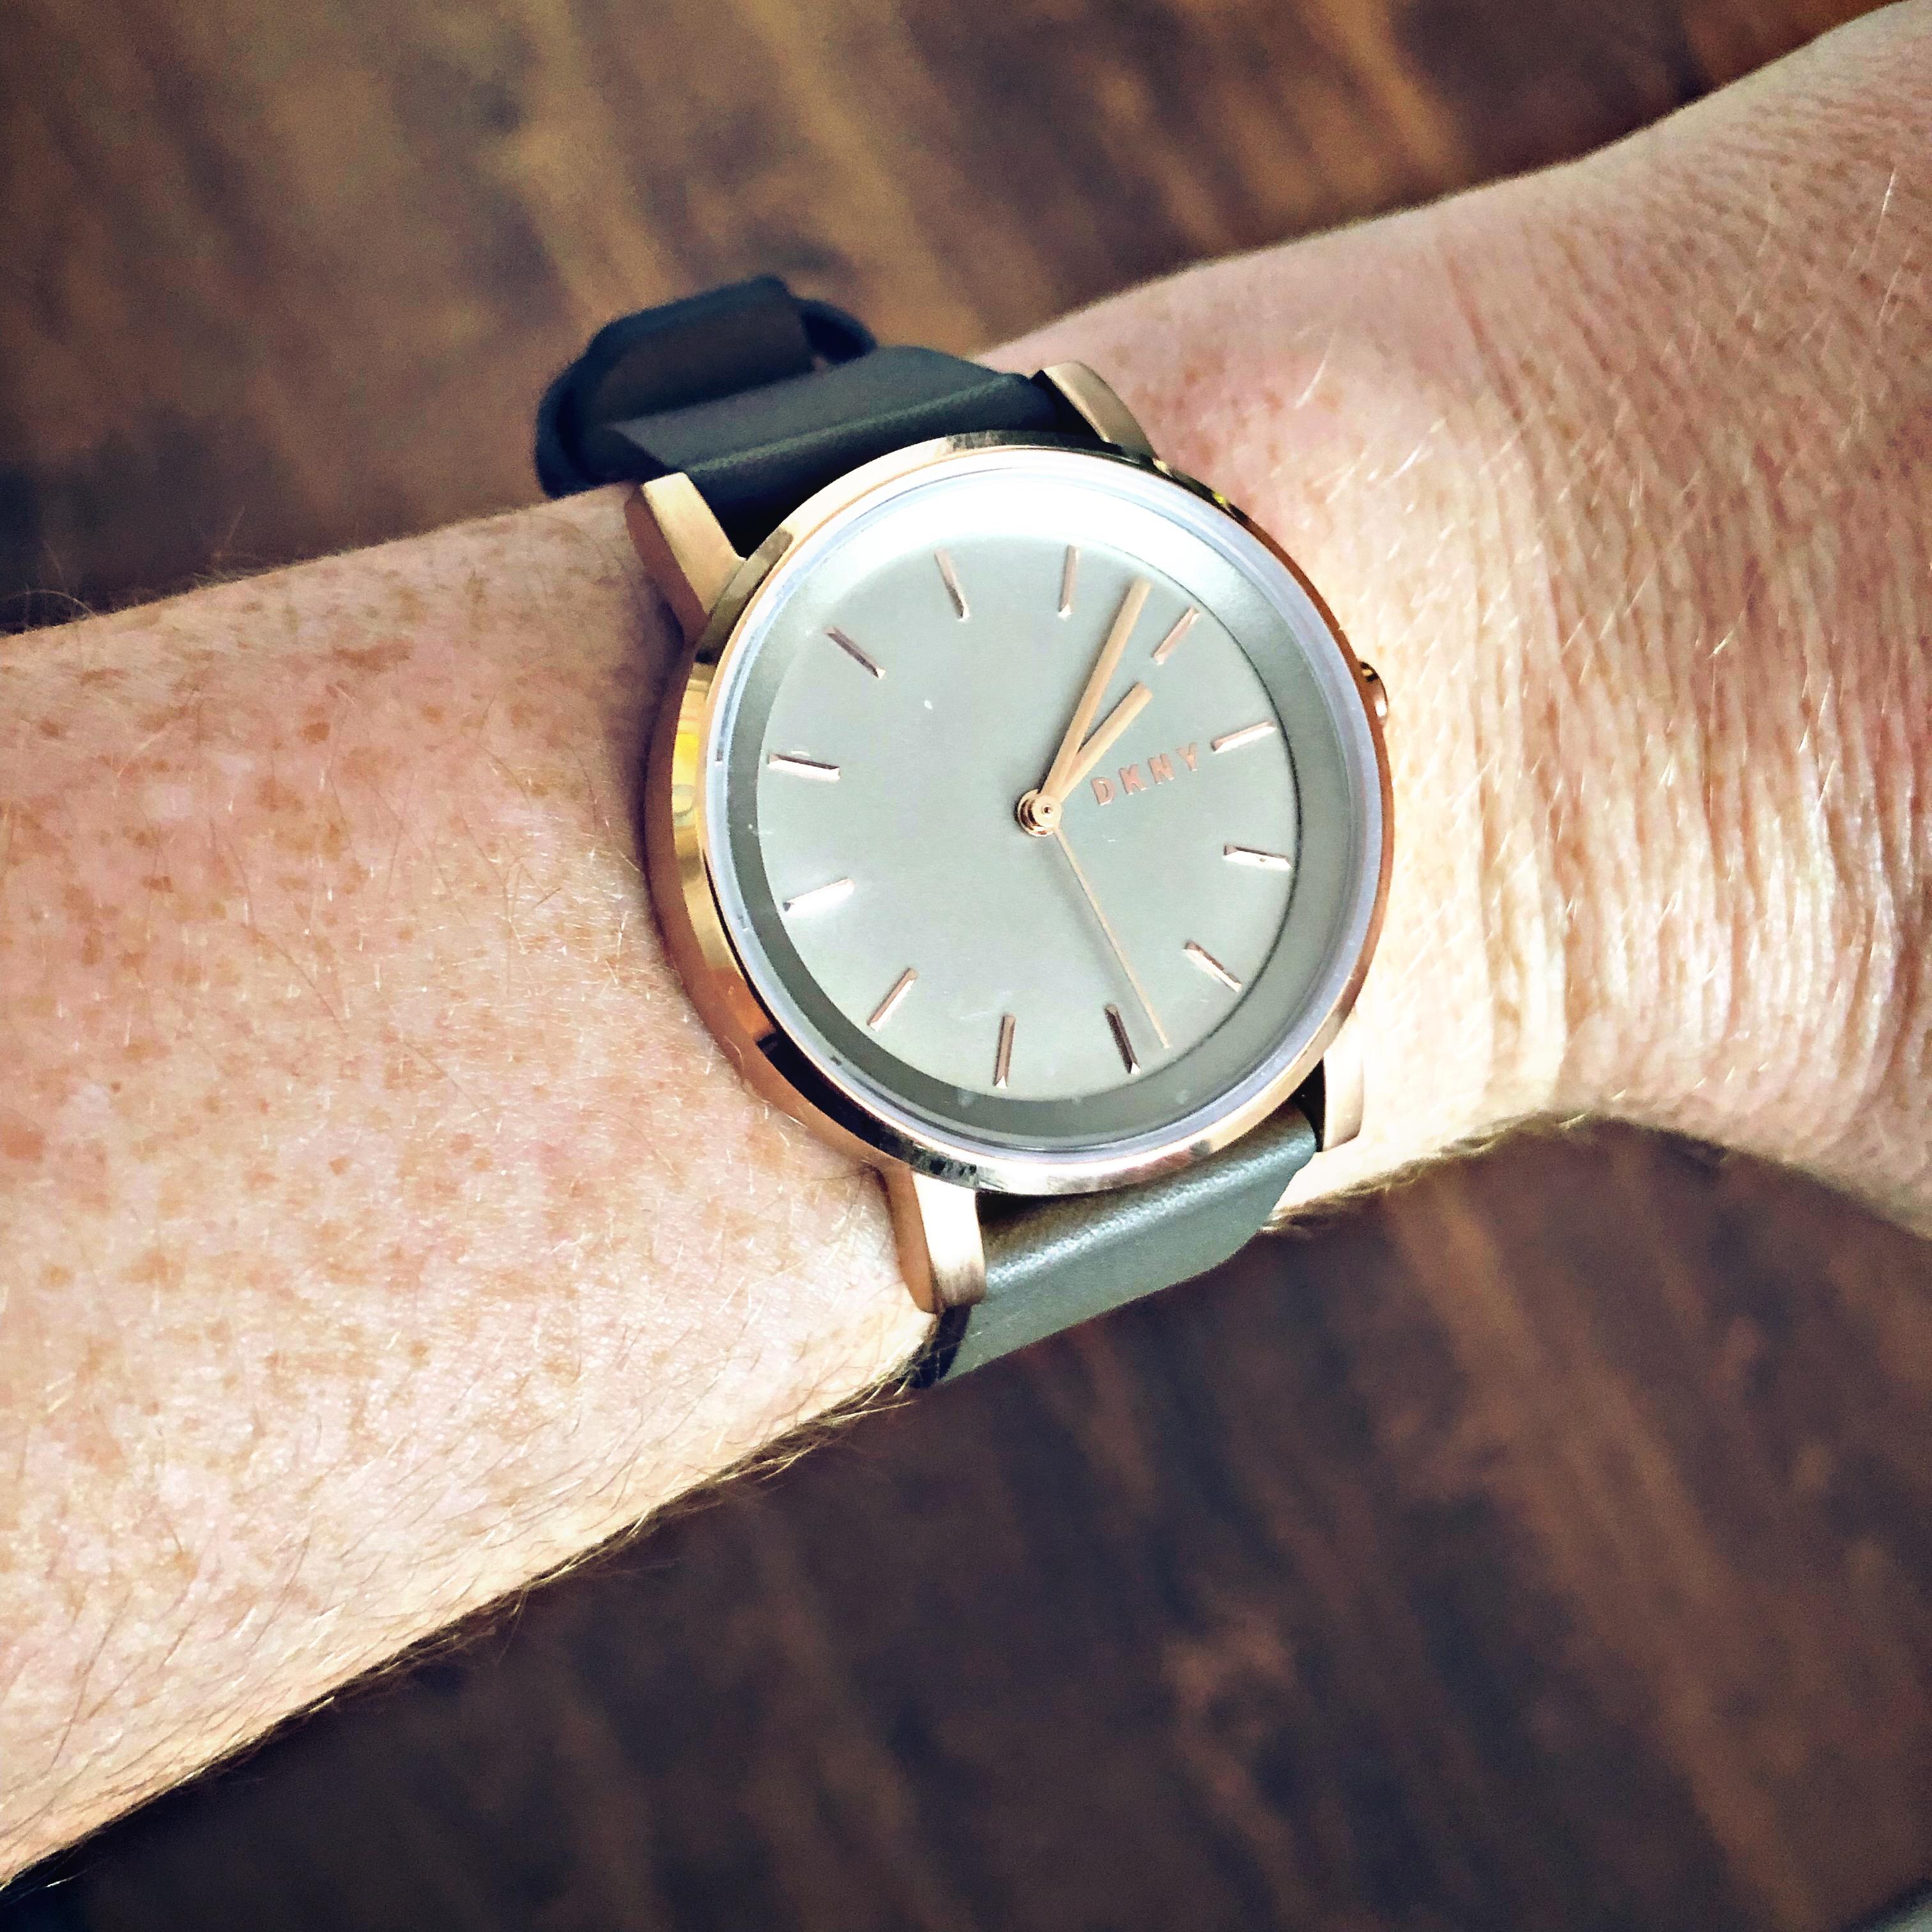 9b2acbe64d68e4 Zegarek damski przed nadgarstkiem czy za w stylizacji wieczorowej?